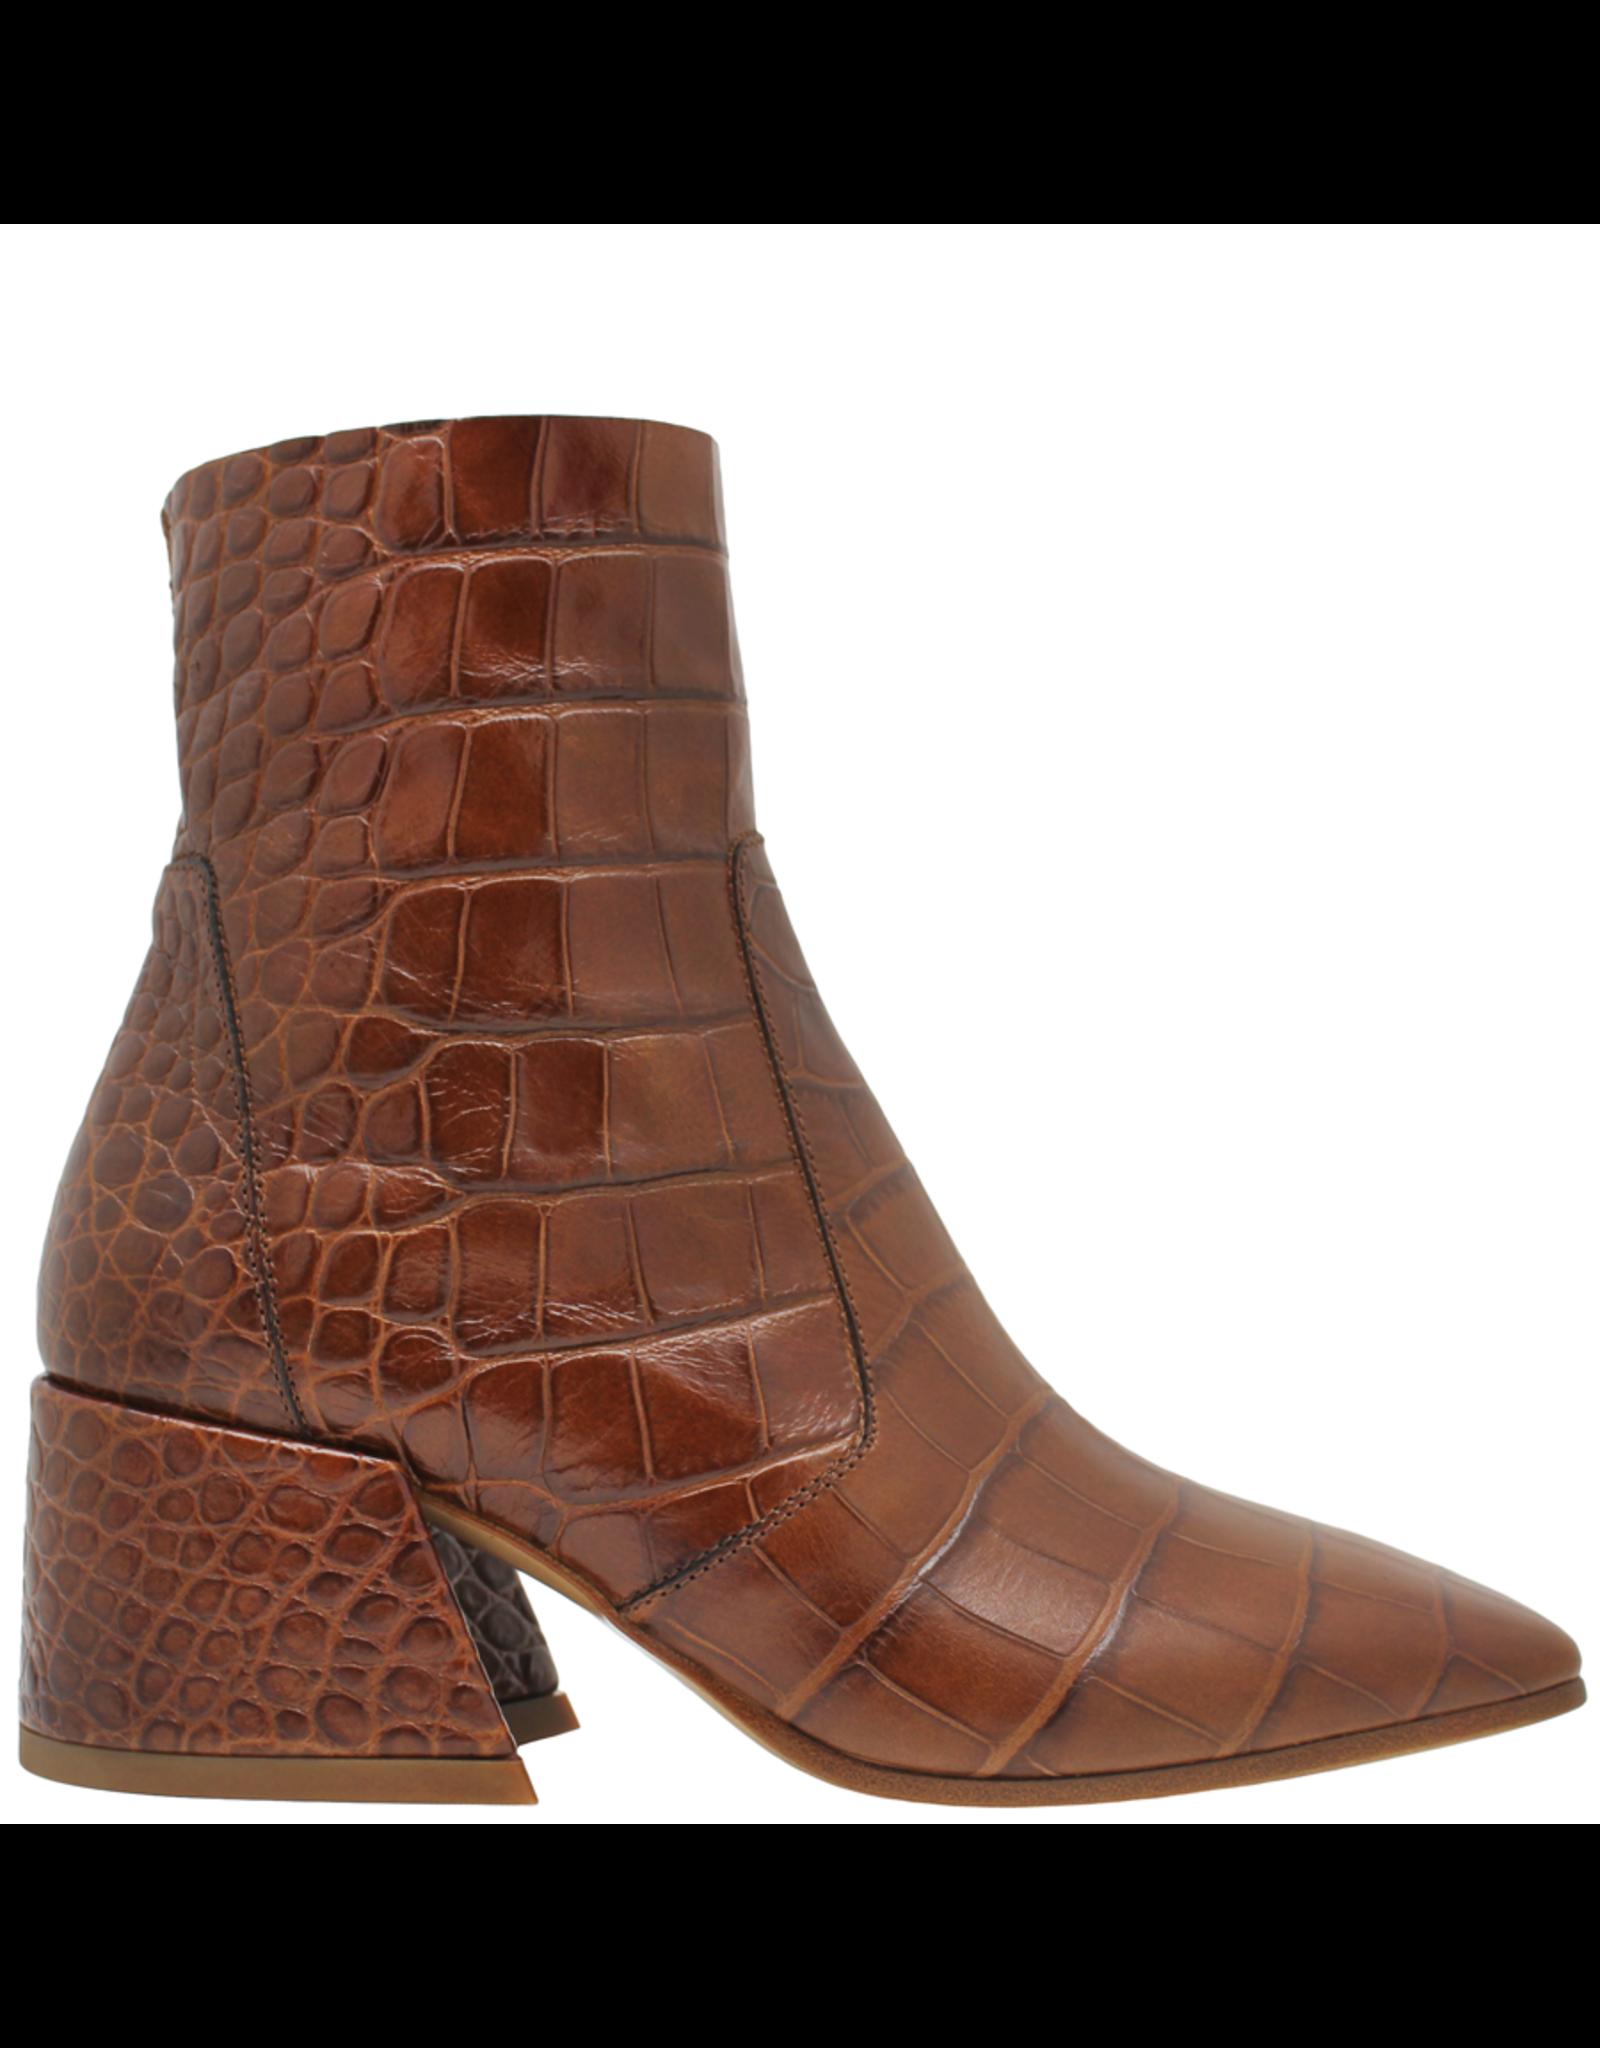 Elena Iachi ElenaIachi Brown Croco Square Toe Ankle Boot With Side Zipper 1945